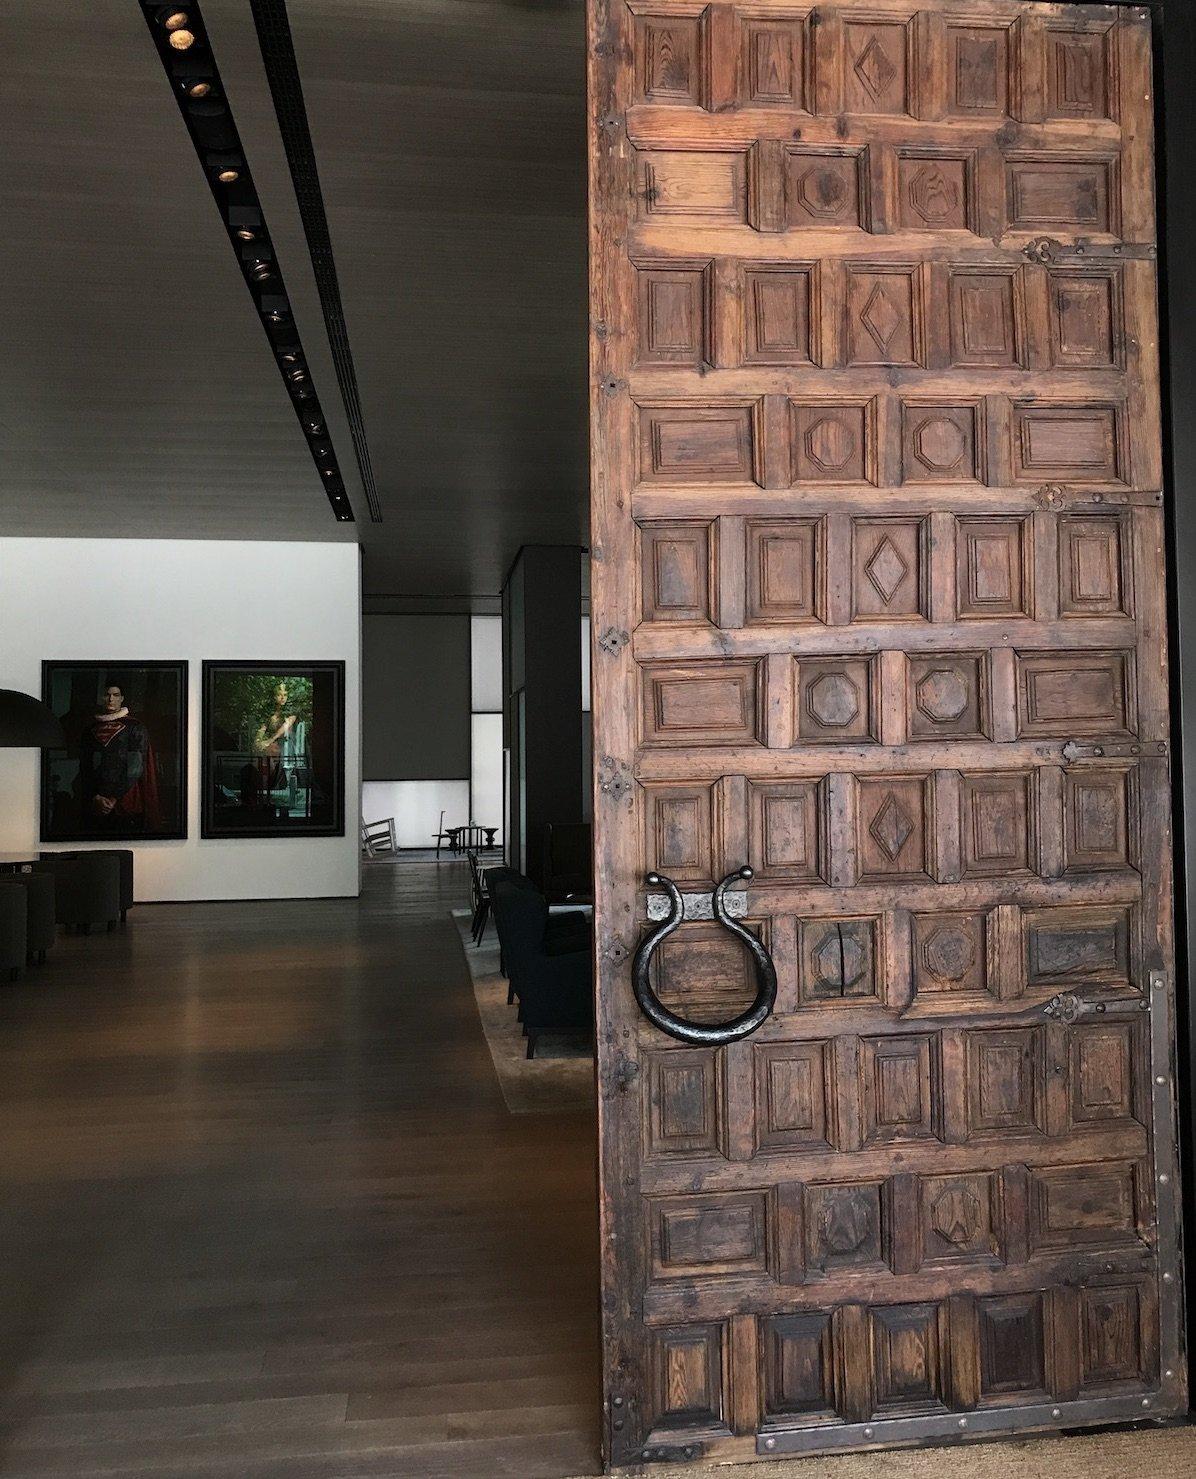 Eingangstüre in das Roomers aus dem 17. Jahrhundert